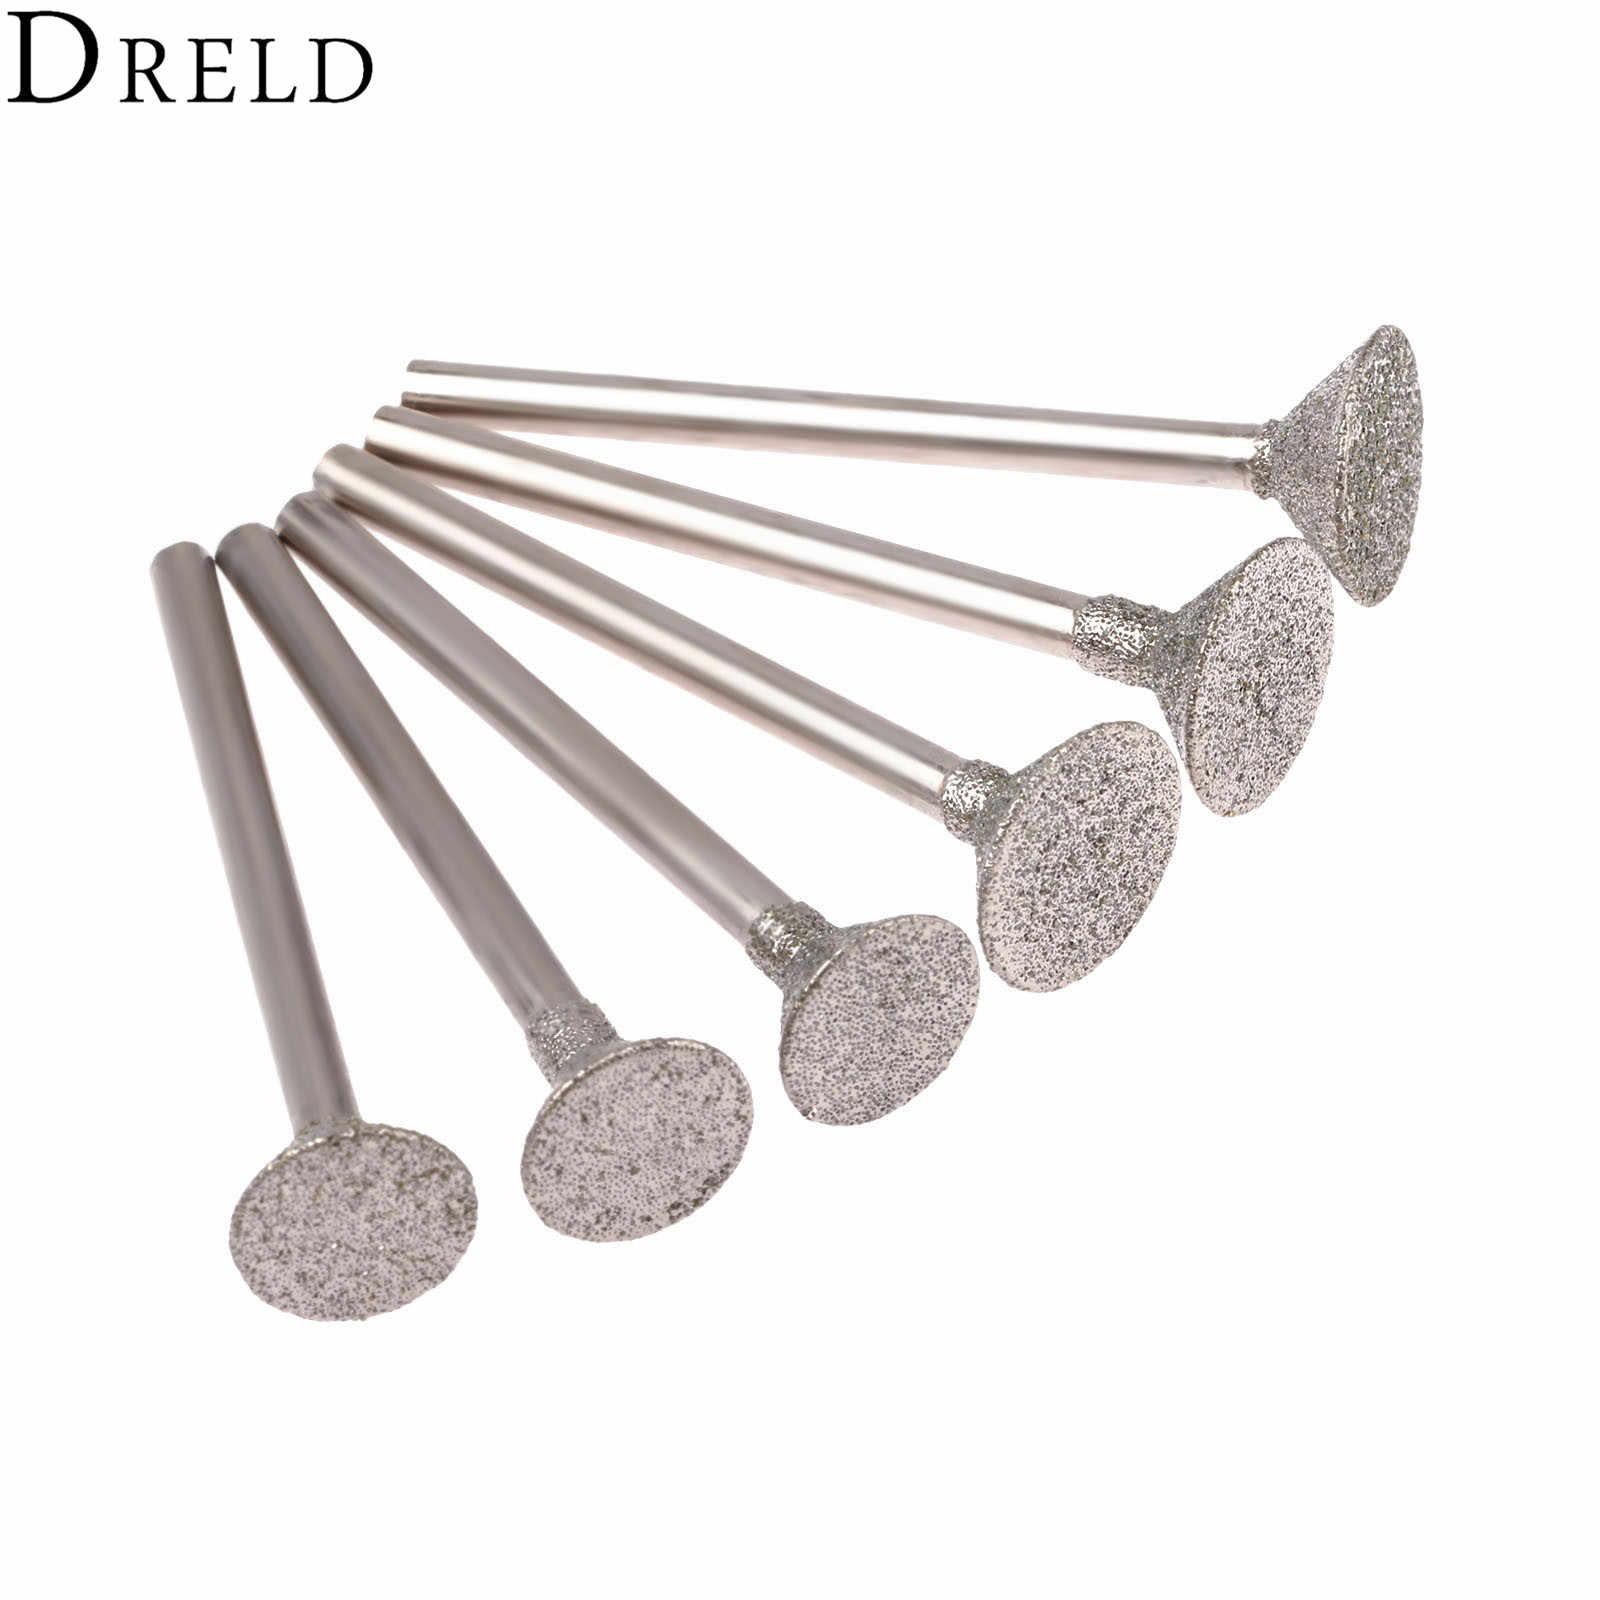 3-12mm Brazing Diamond Grinding Burr Engraving Drill Bit 46 Grit for Dremel Tool